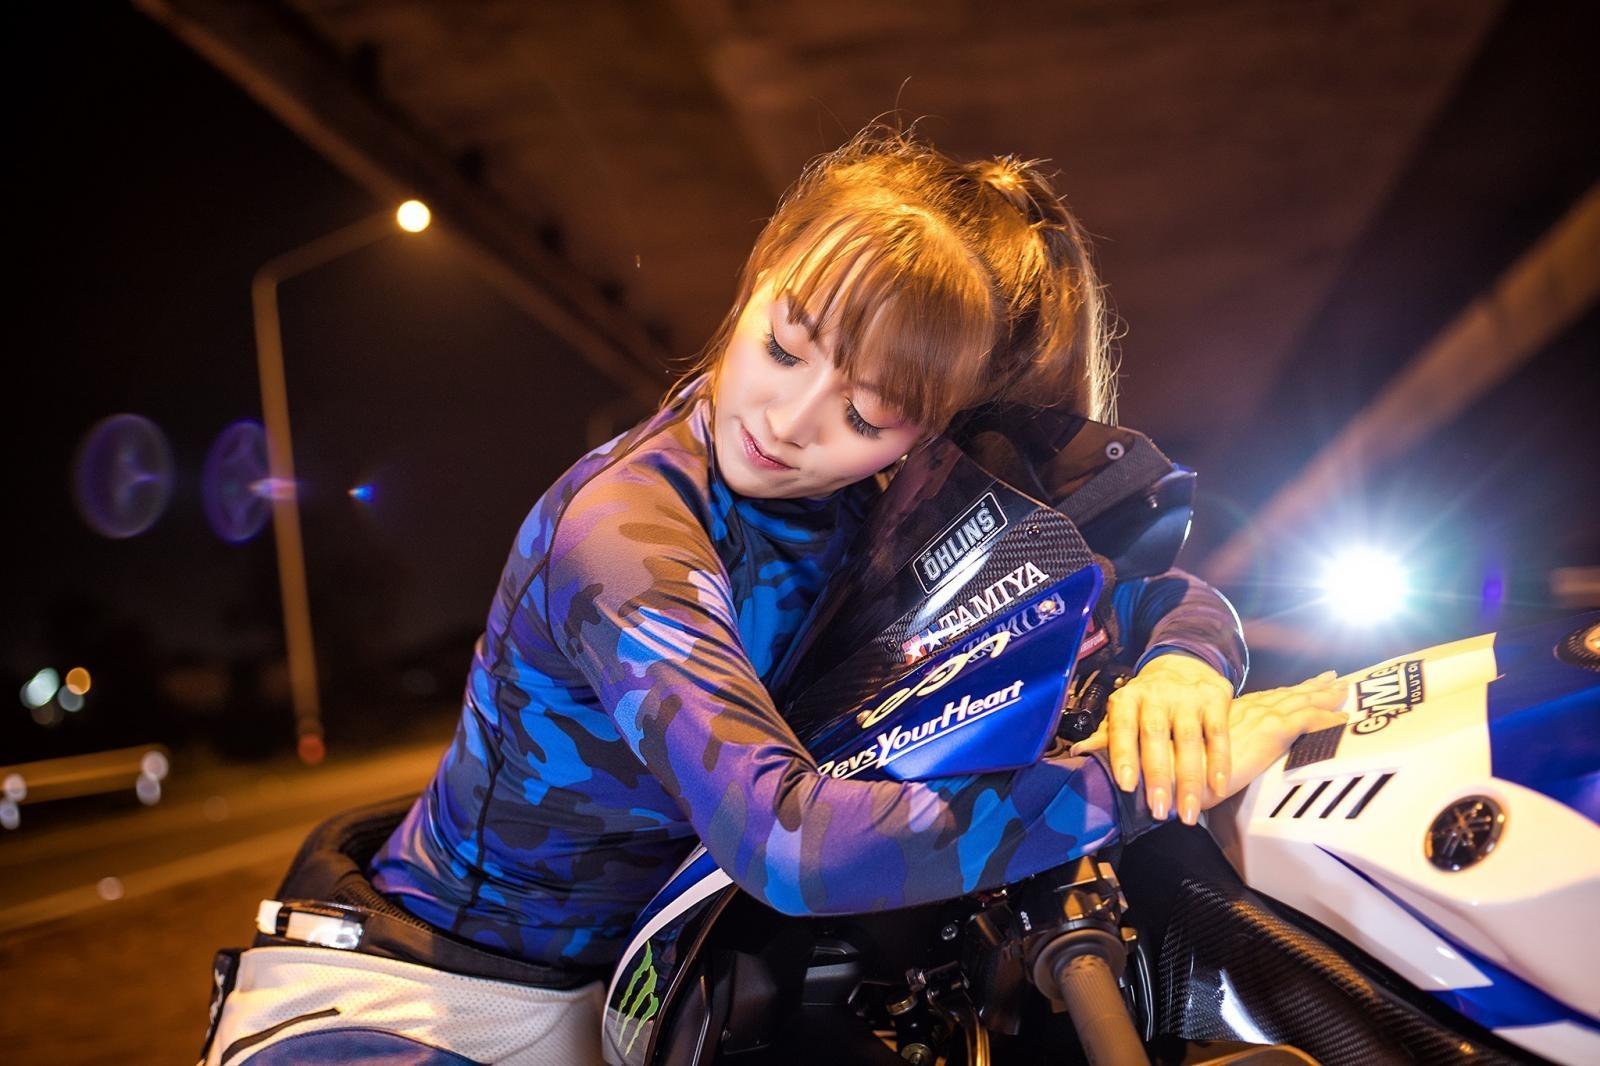 Cô nàng biến hoá khi thể thao, khi thanh lịch bên Yamaha R1 - 8